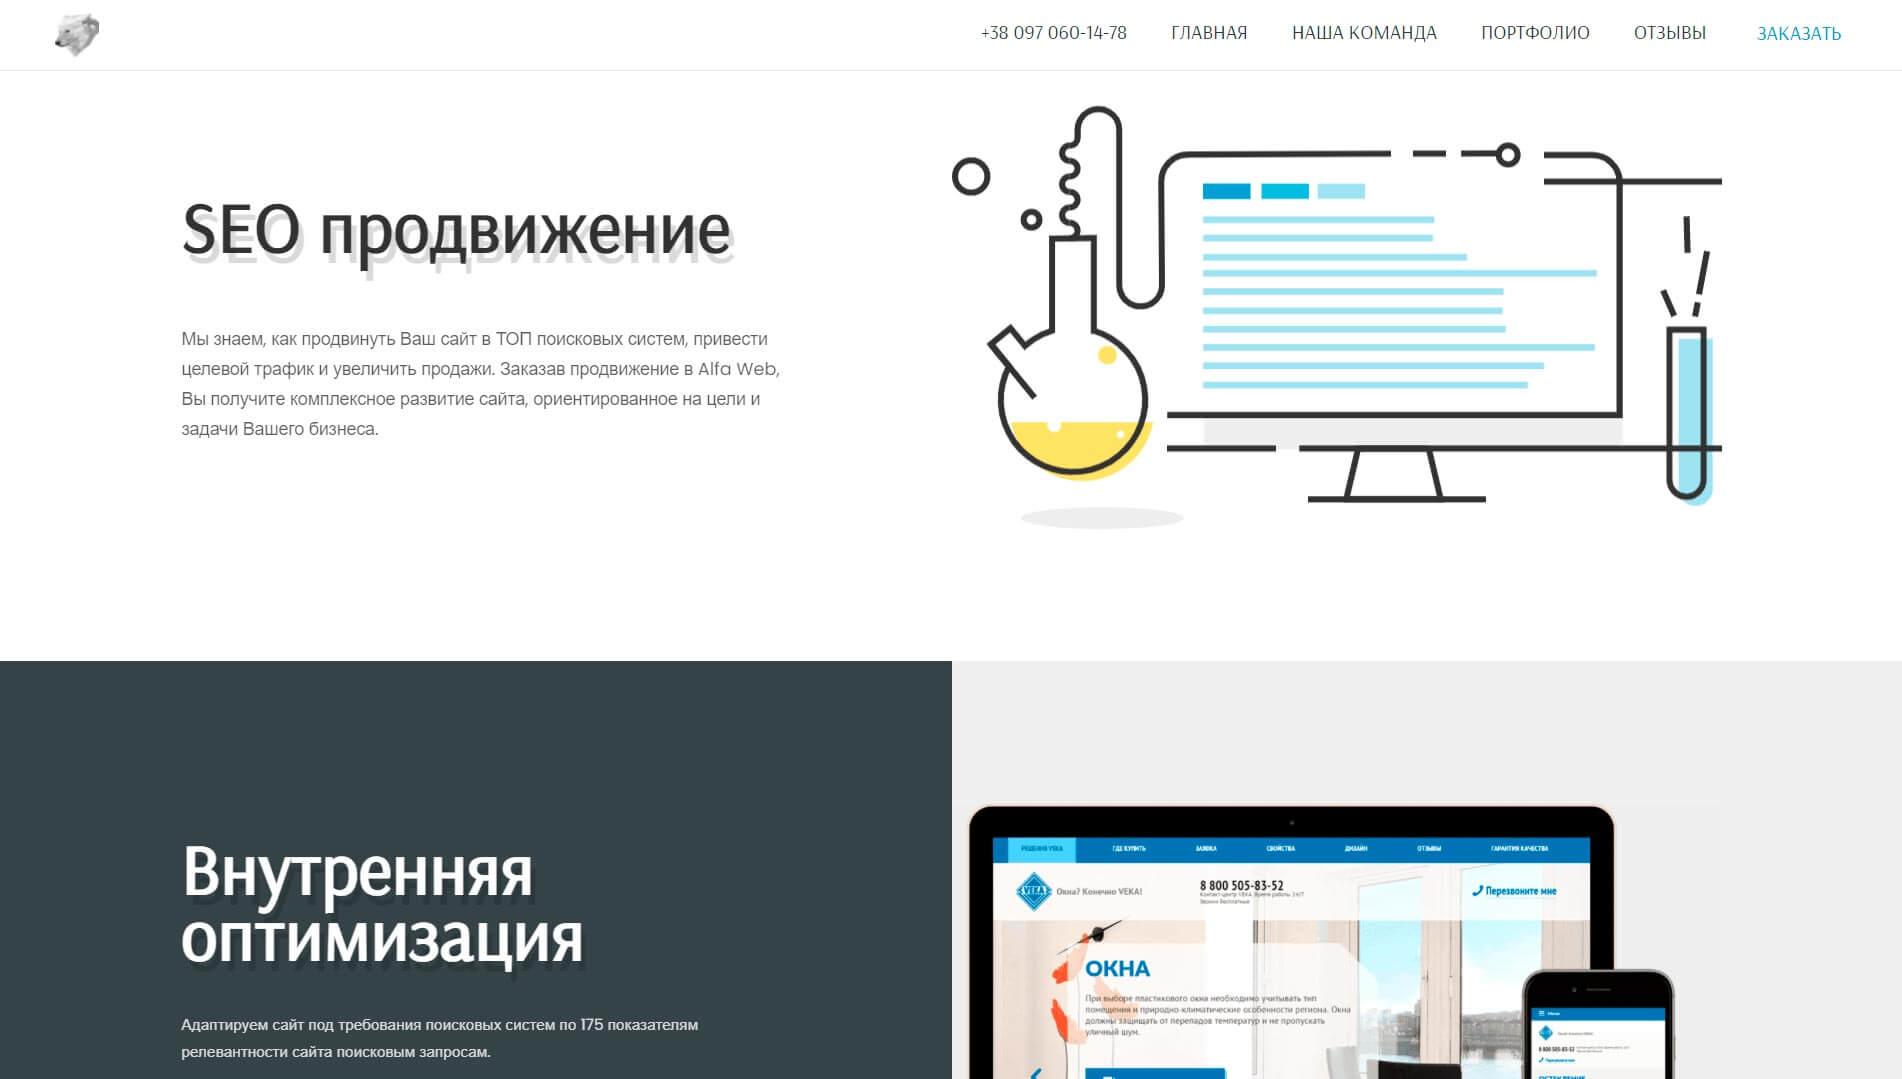 ALFA WEB - обзор компании, услуги, отзывы, клиенты, Фото № 3 - google-seo.pro